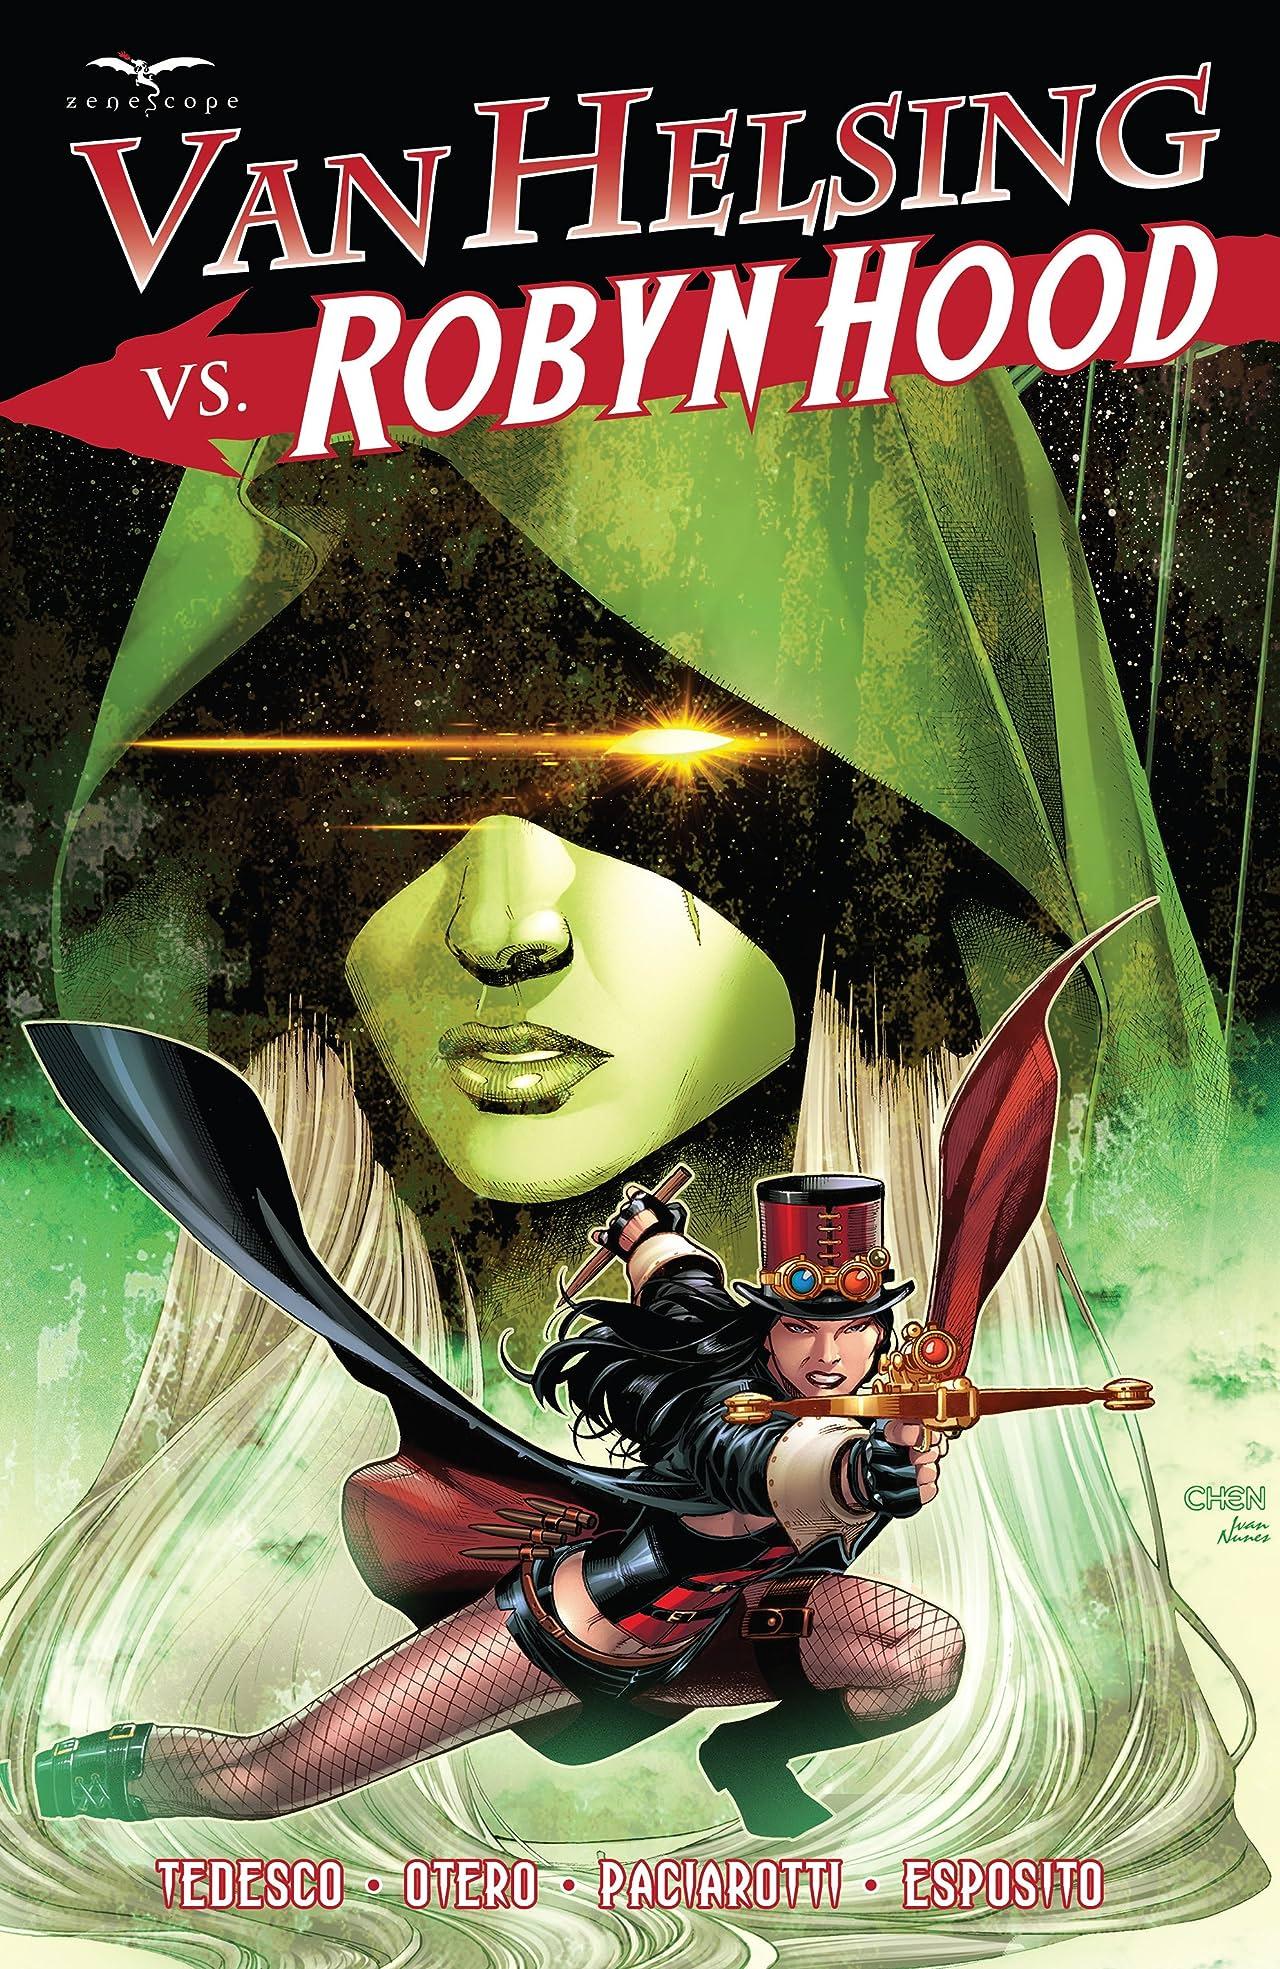 Van Helsing vs Robyn Hood Vol. 1